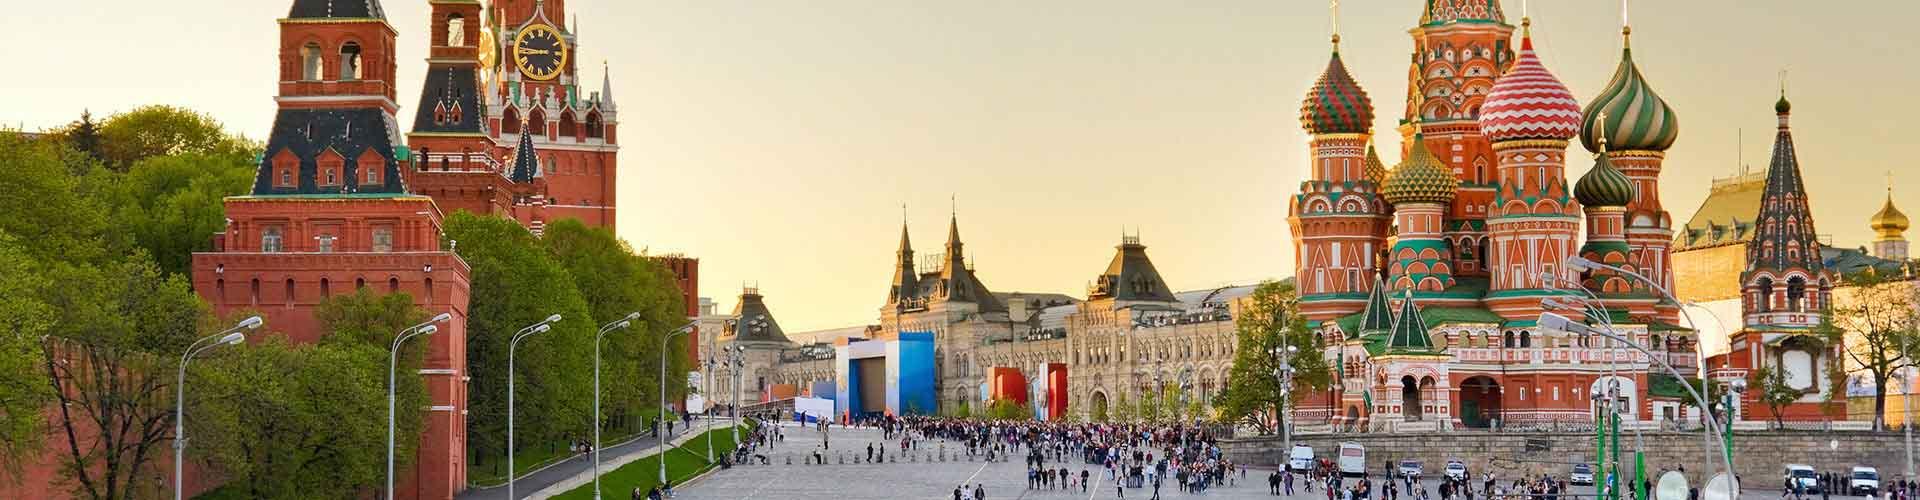 Moscú - Hostales en Moscú. Mapas de Moscú, Fotos y comentarios de cada Hostal en Moscú.